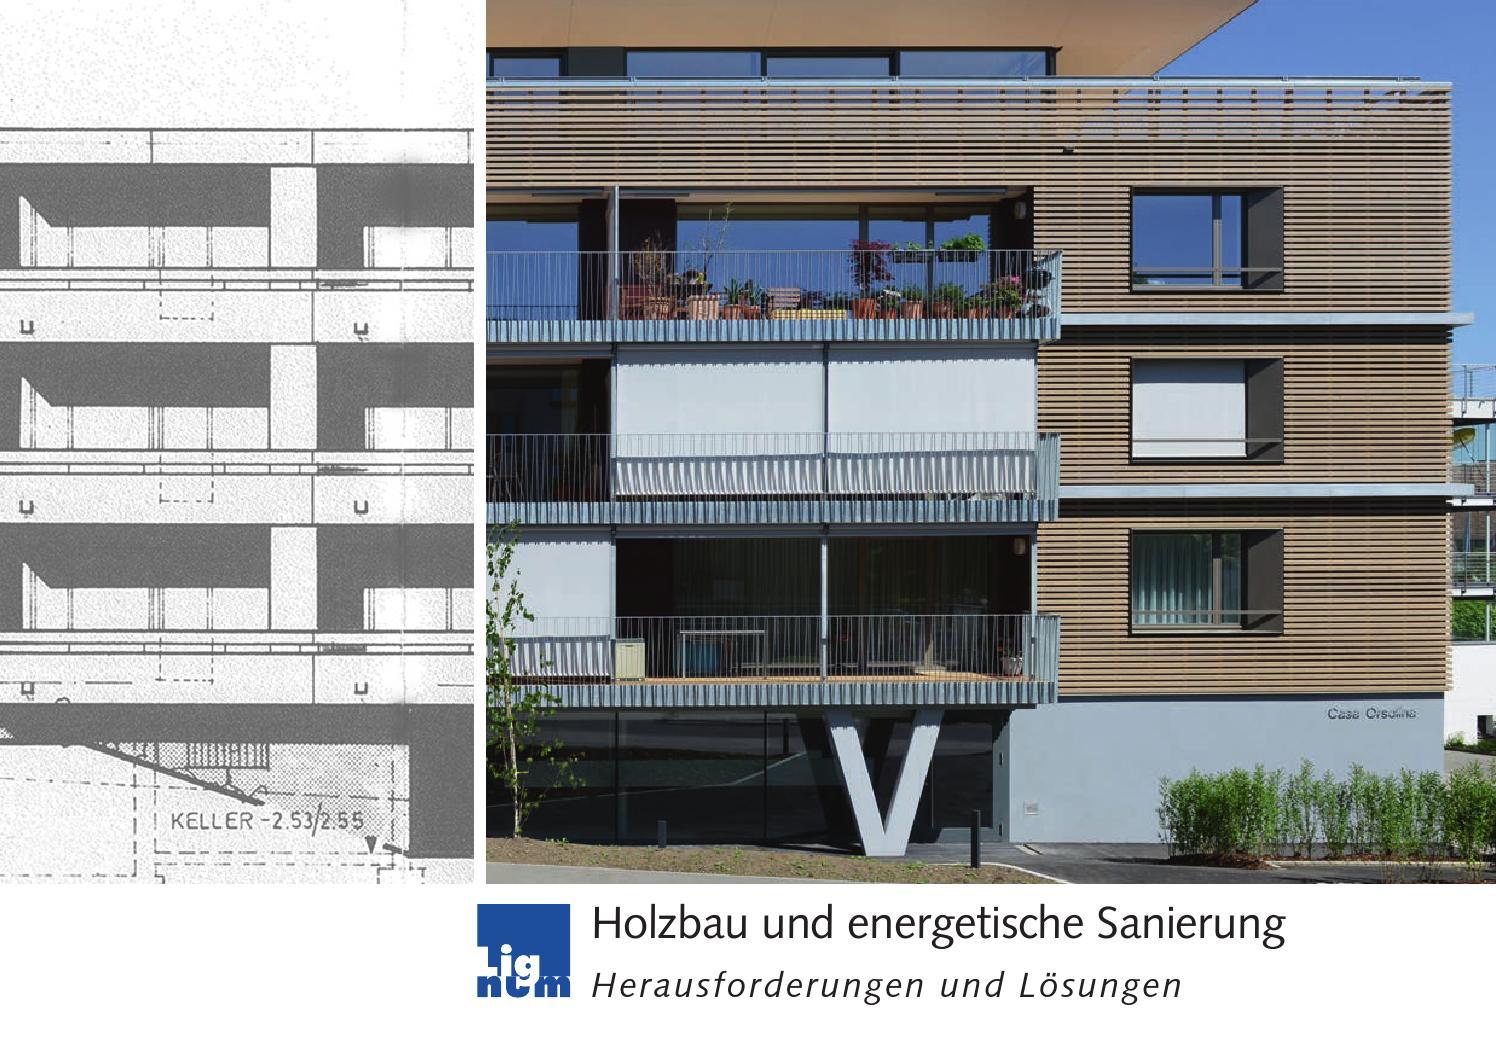 holzbau und energetische sanierung herausforderungen und l sungen by lignum issuu. Black Bedroom Furniture Sets. Home Design Ideas